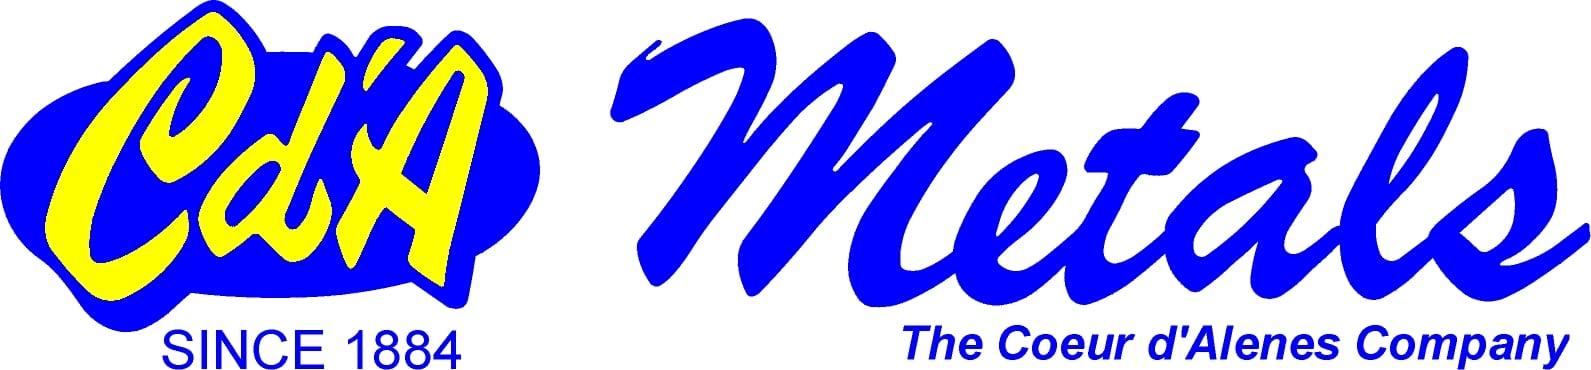 CDA Metals logo